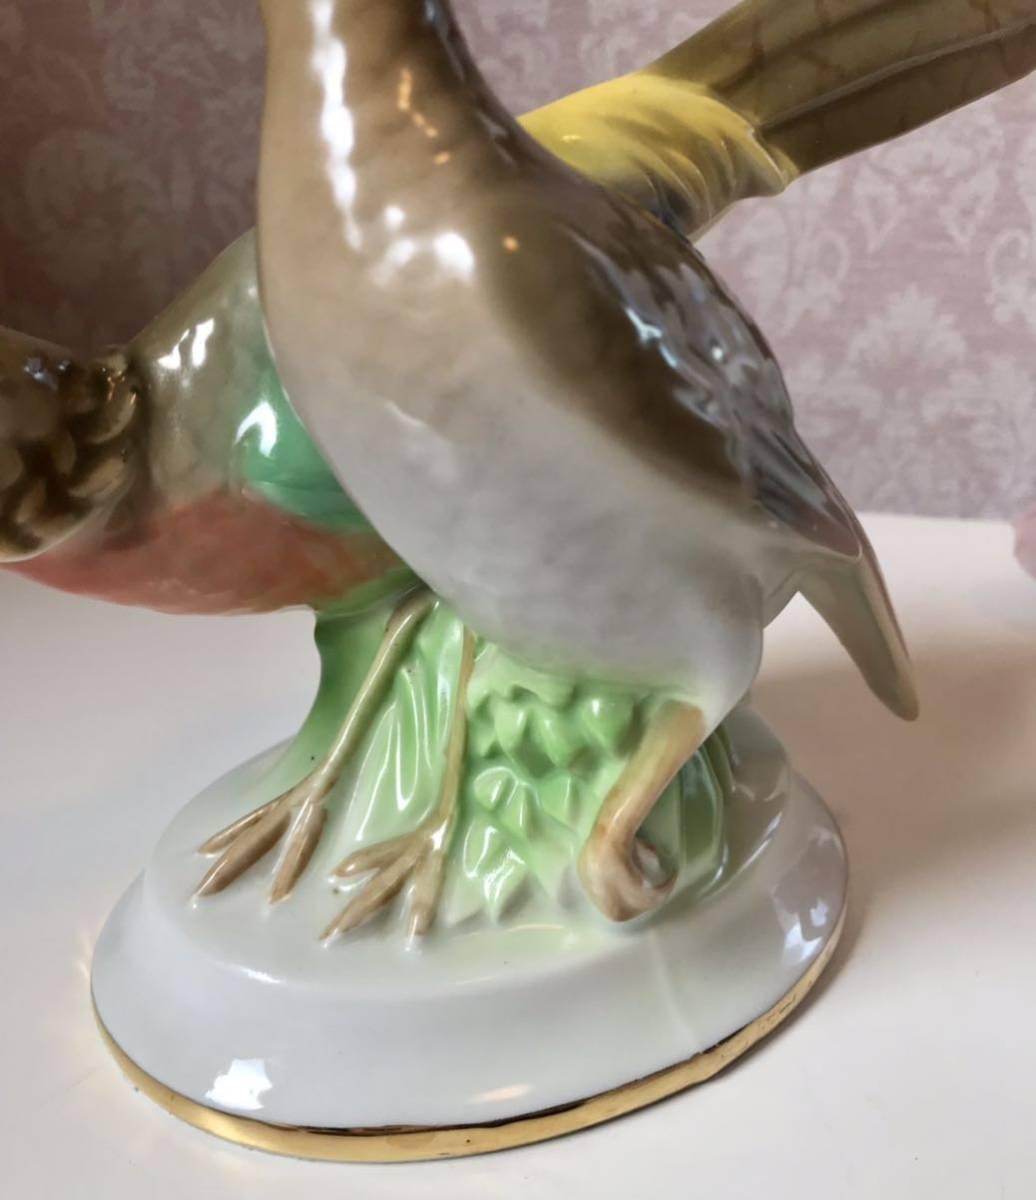 〈送料込〉〈ヴィンテージ〉1937~60年 24cm ゲロルドポーセリン バード フィギュリン Gerold ババリア フィギュア Bavaria 鳥 つがい 置物_画像4